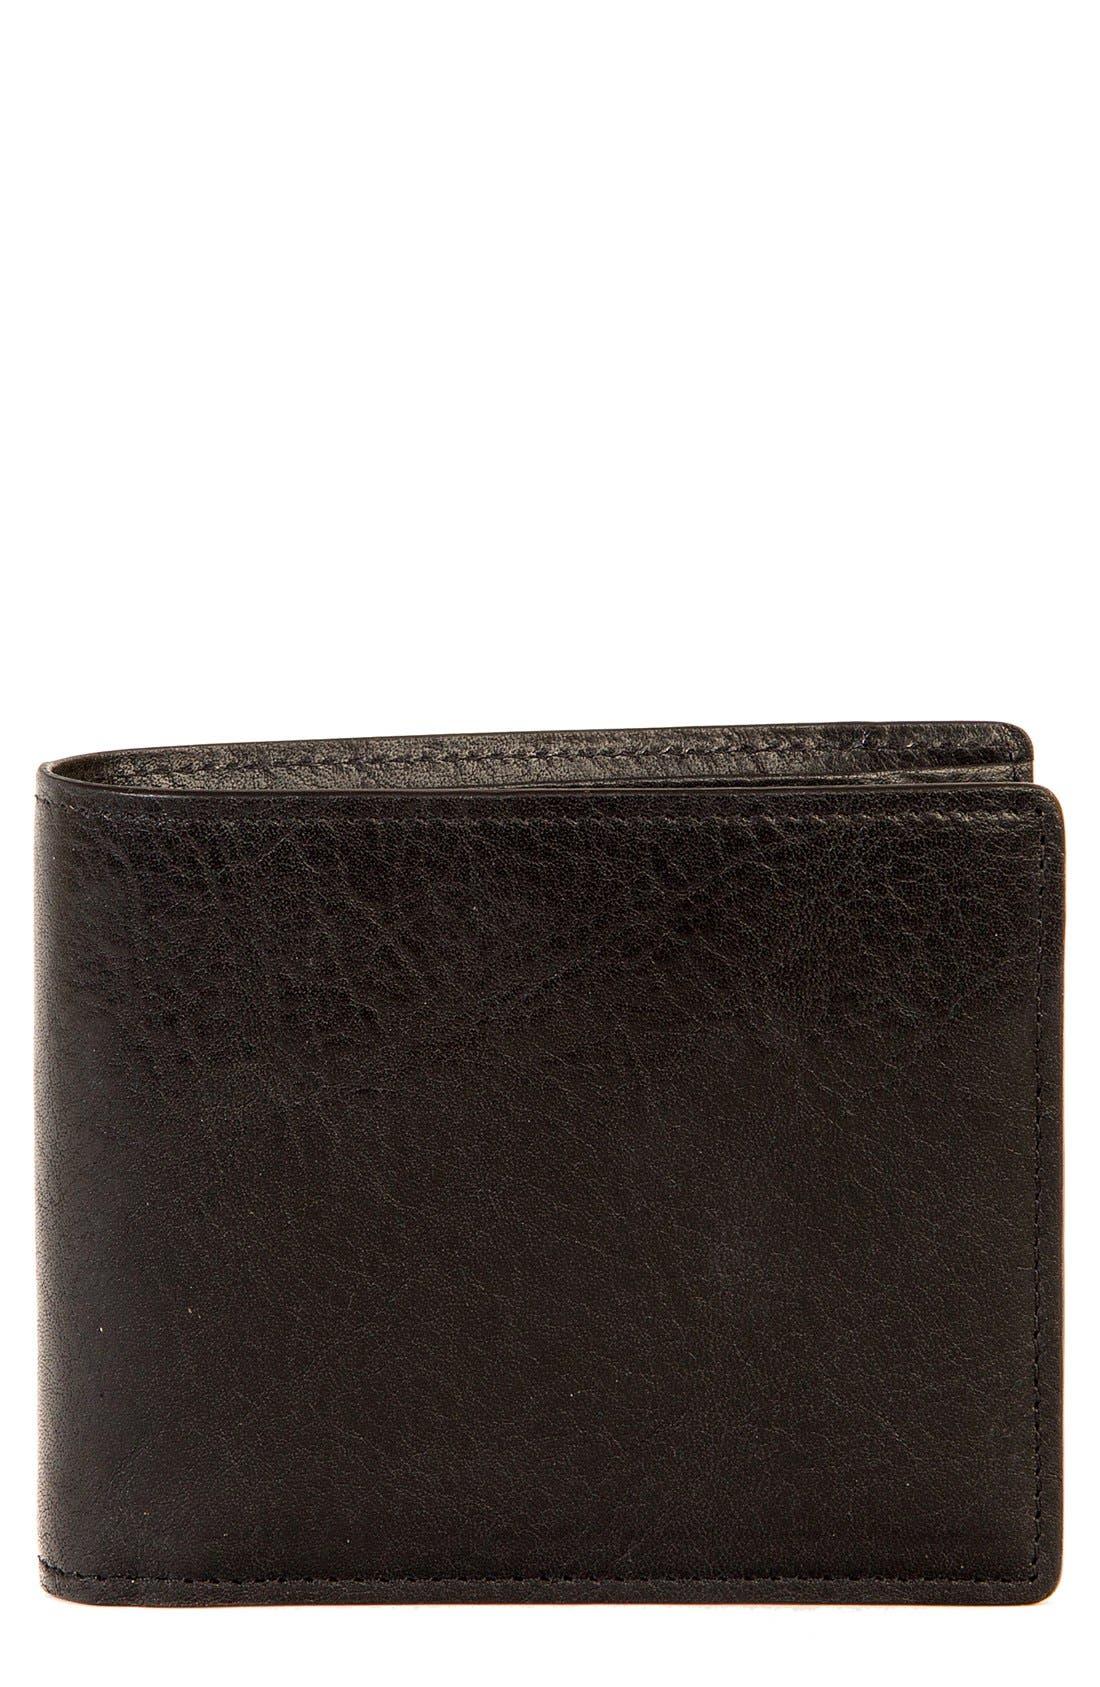 BOCONI 'Becker' RFID Leather Wallet, Main, color, BLACK